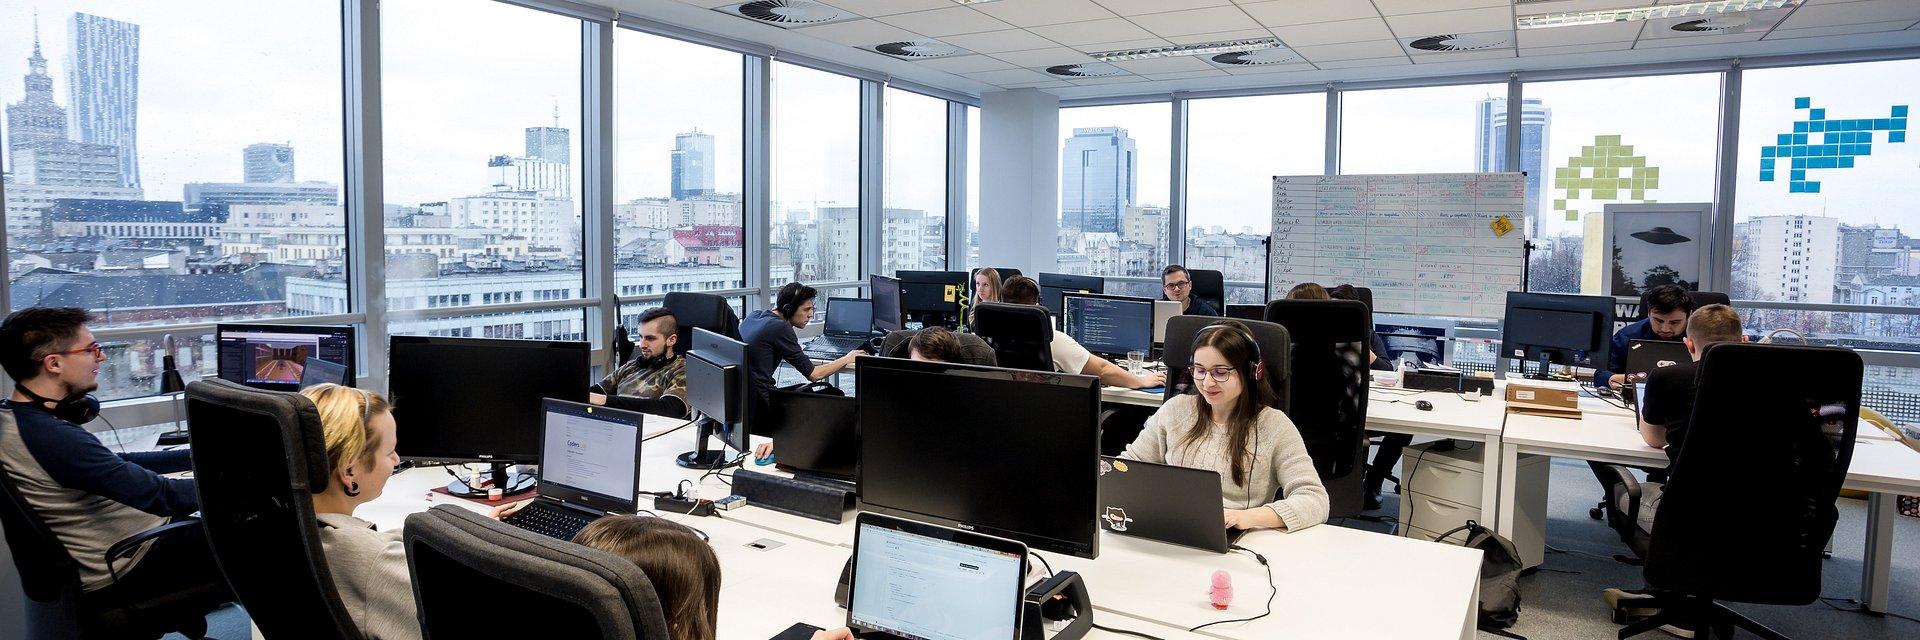 Największa polska szkoła IT chce podbić Europę